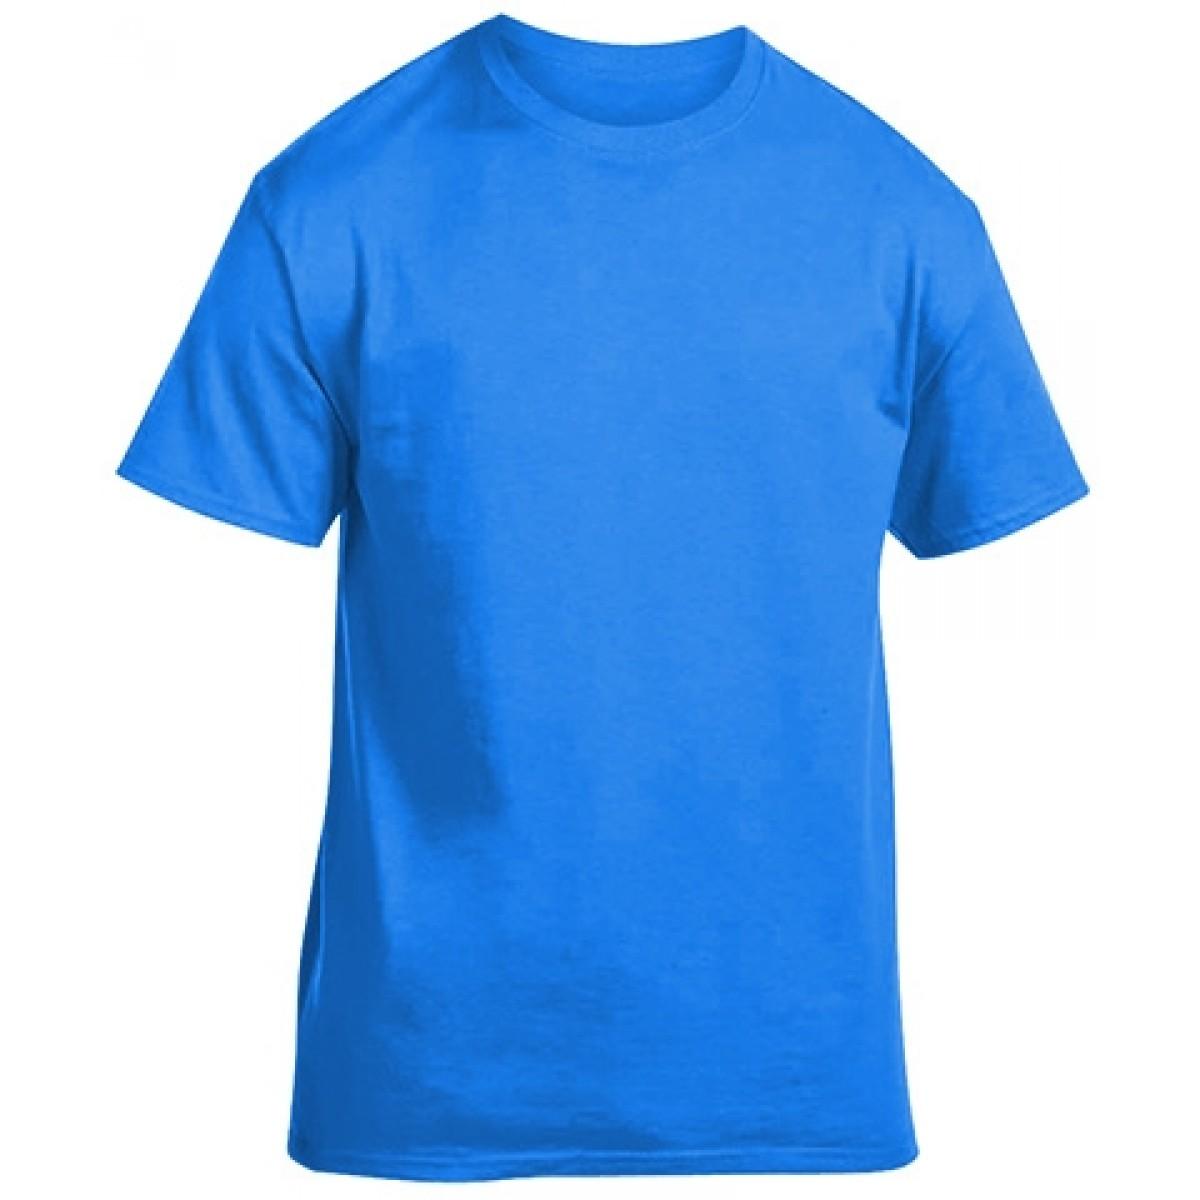 Soft 100% Cotton T-Shirt-Neon Blue-YS